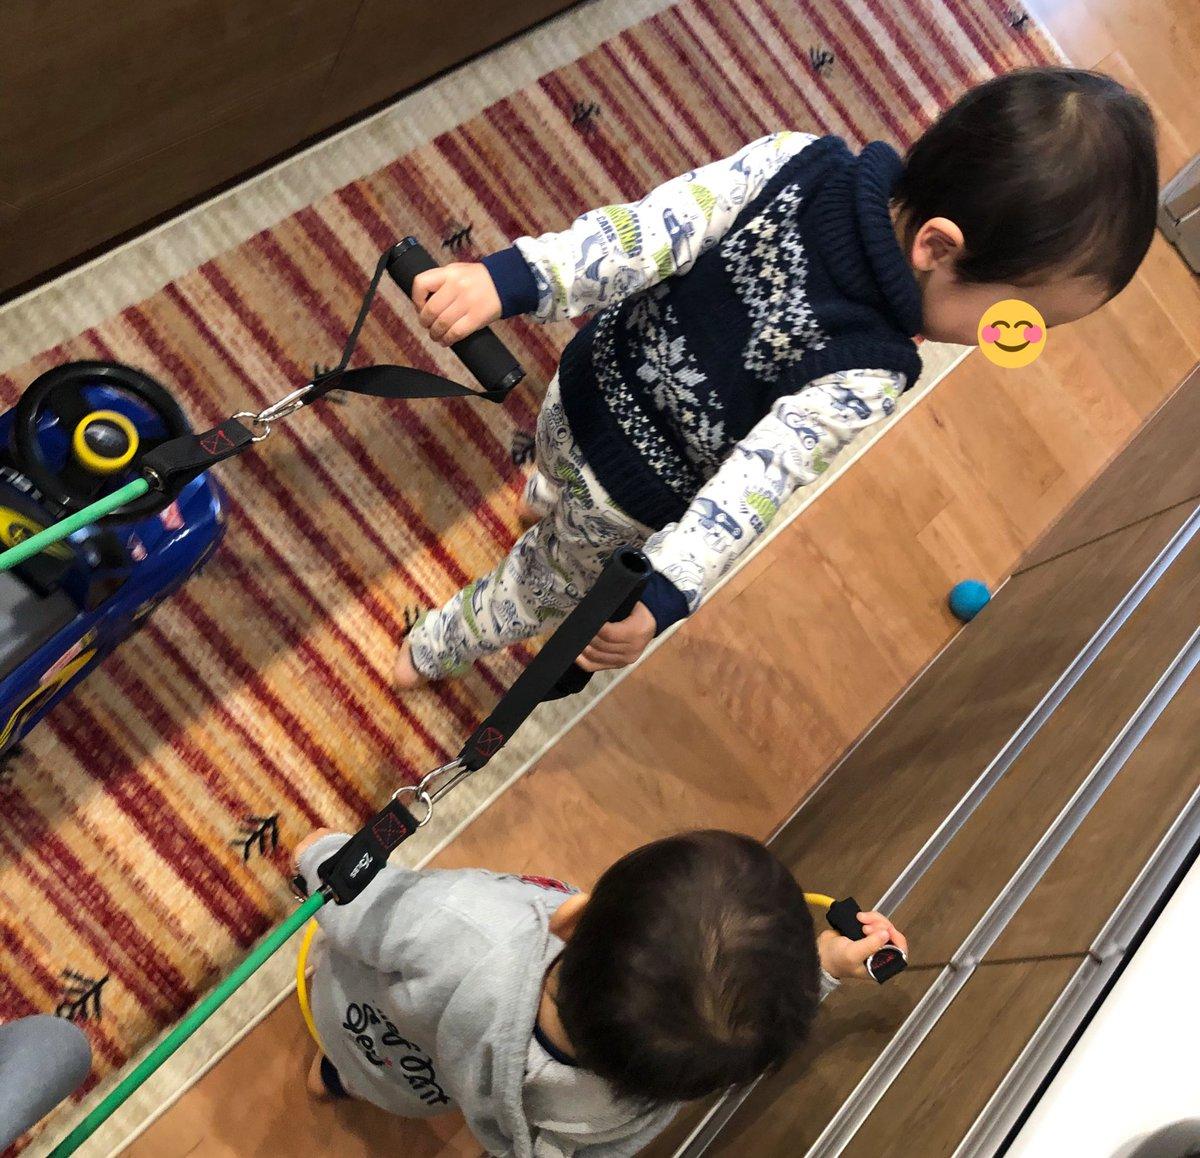 ゴムチューブ列車  筋トレに使わせて下さいもちー  =ヽ(`・ω・´)ノマテ-  #ダイエット #筋トレ #ゴムチューブはおもちゃに最適pic.twitter.com/FEOnLJgdl2